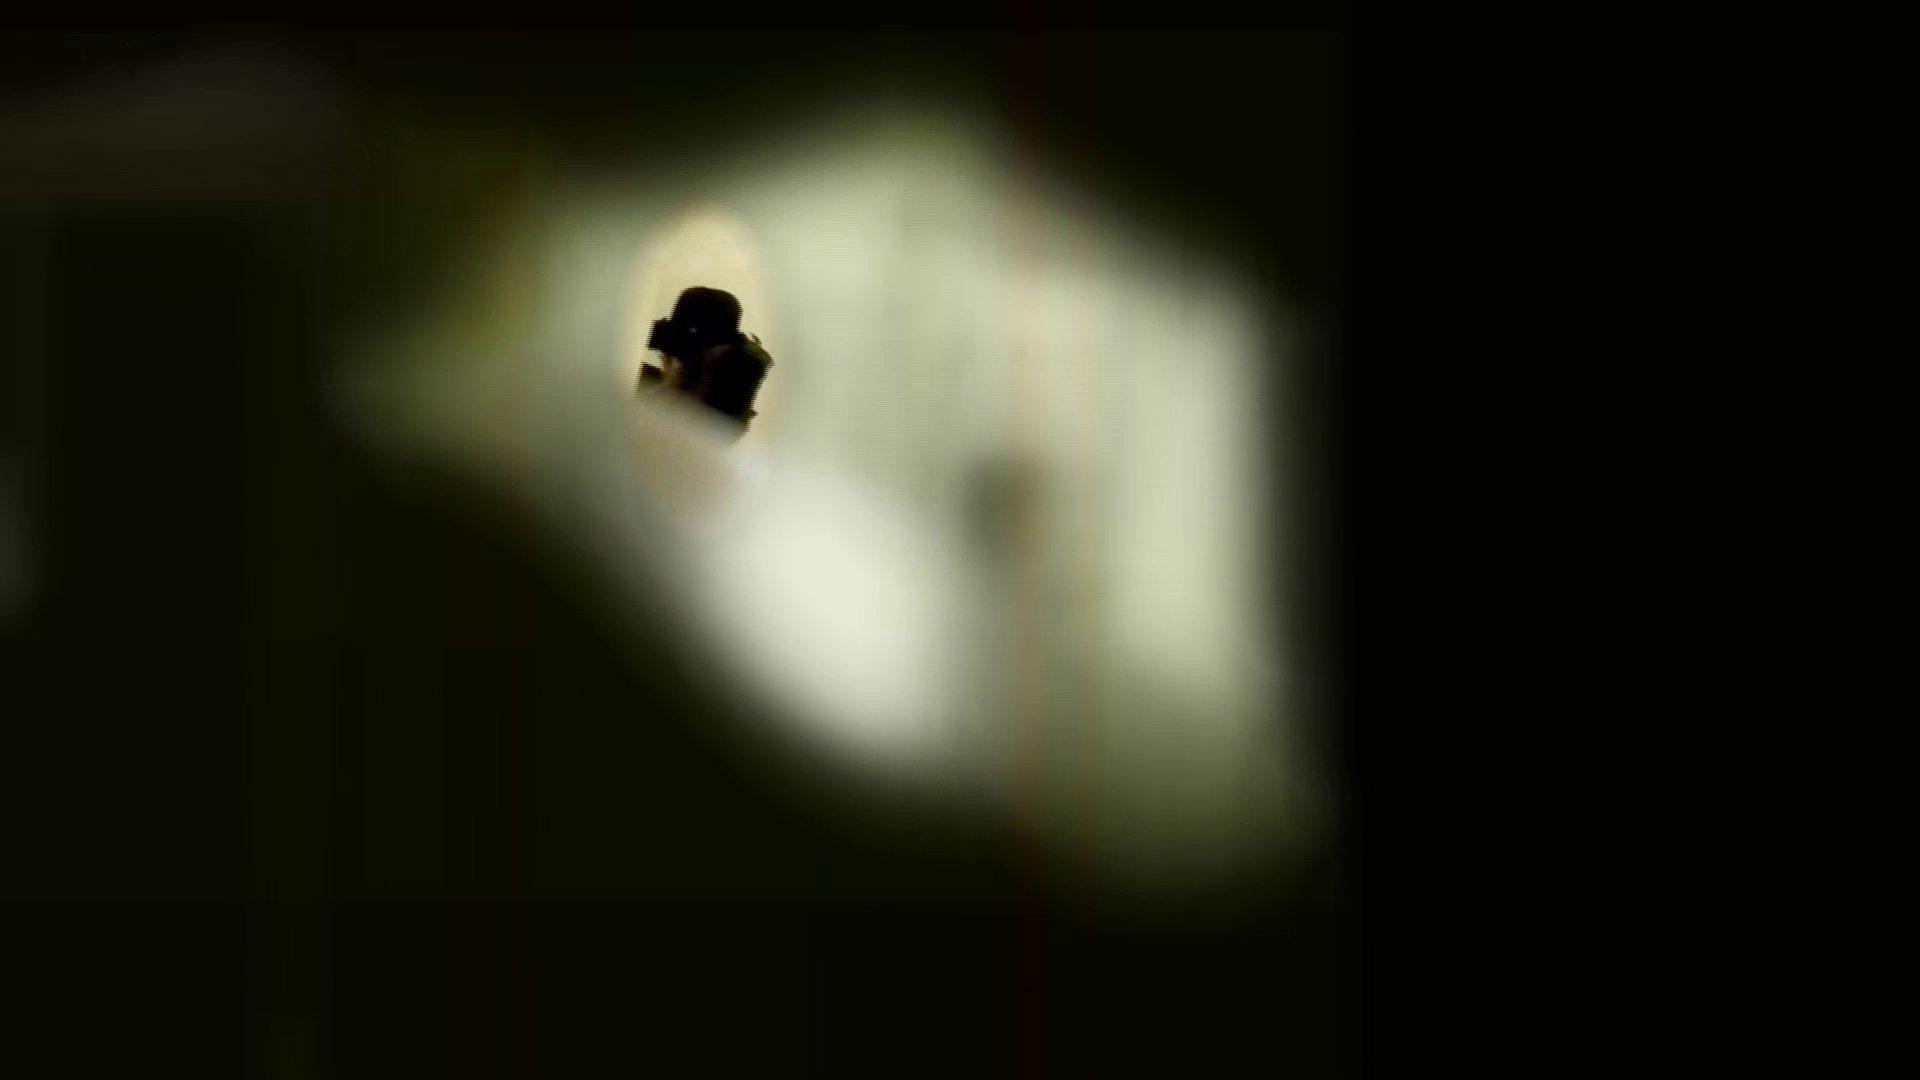 新世界の射窓 No78 トリンドル 玲奈似登場シリーズ美女率最高作! 美女  109pic 21